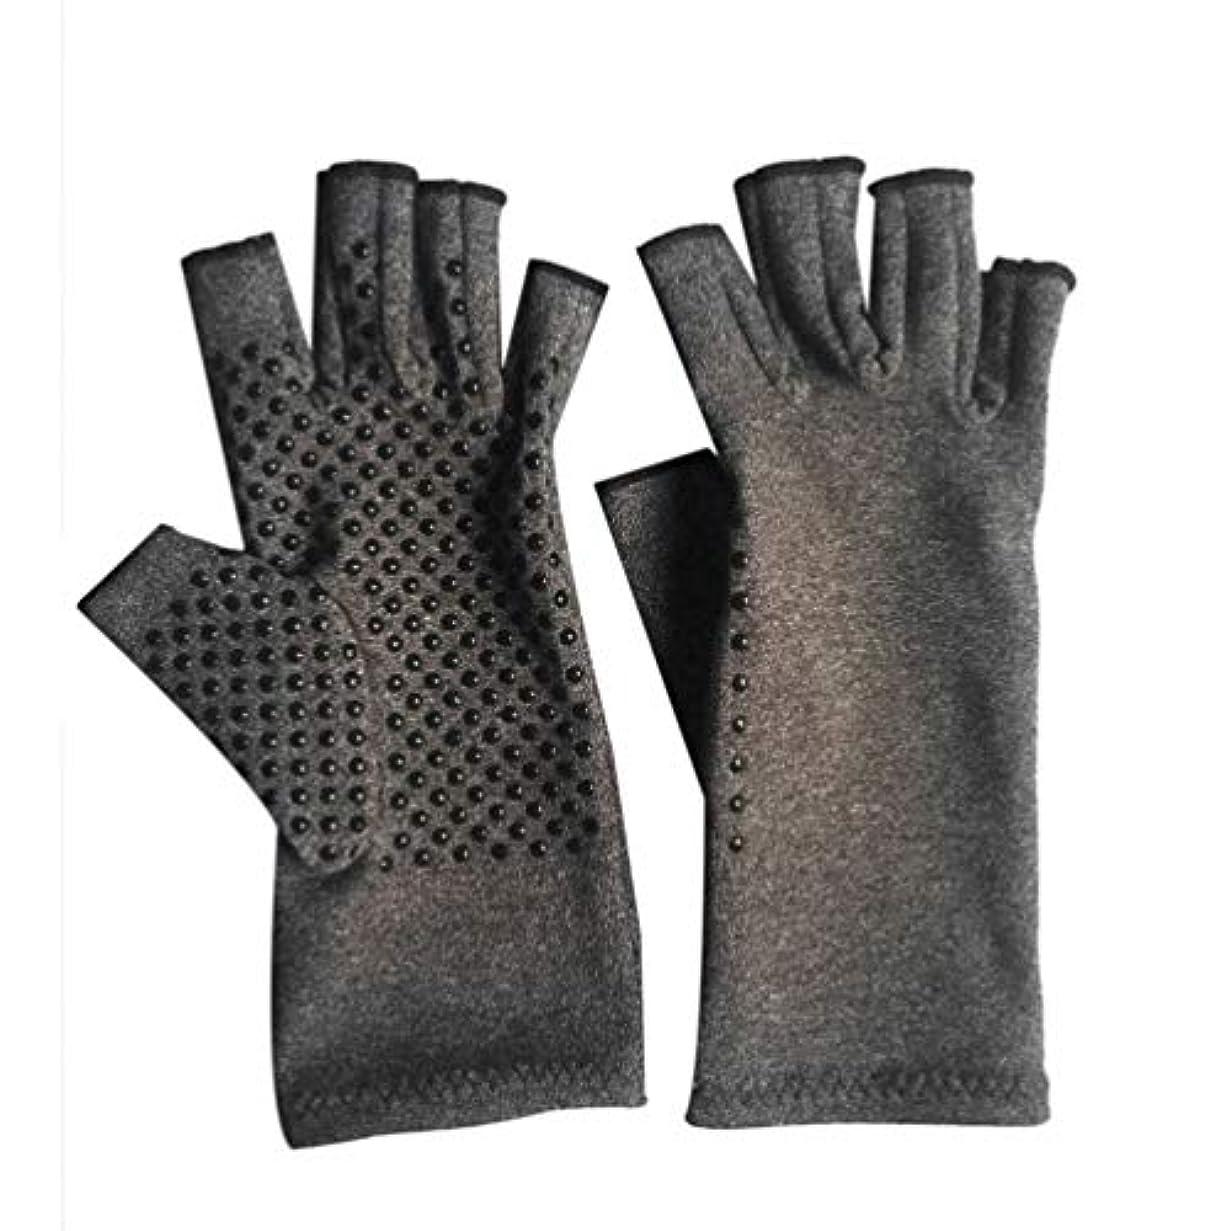 シンポジウム誘惑する先のことを考える1ペアユニセックス男性女性療法圧縮手袋関節炎関節痛緩和ヘルスケア半指手袋トレーニング手袋 - グレーM